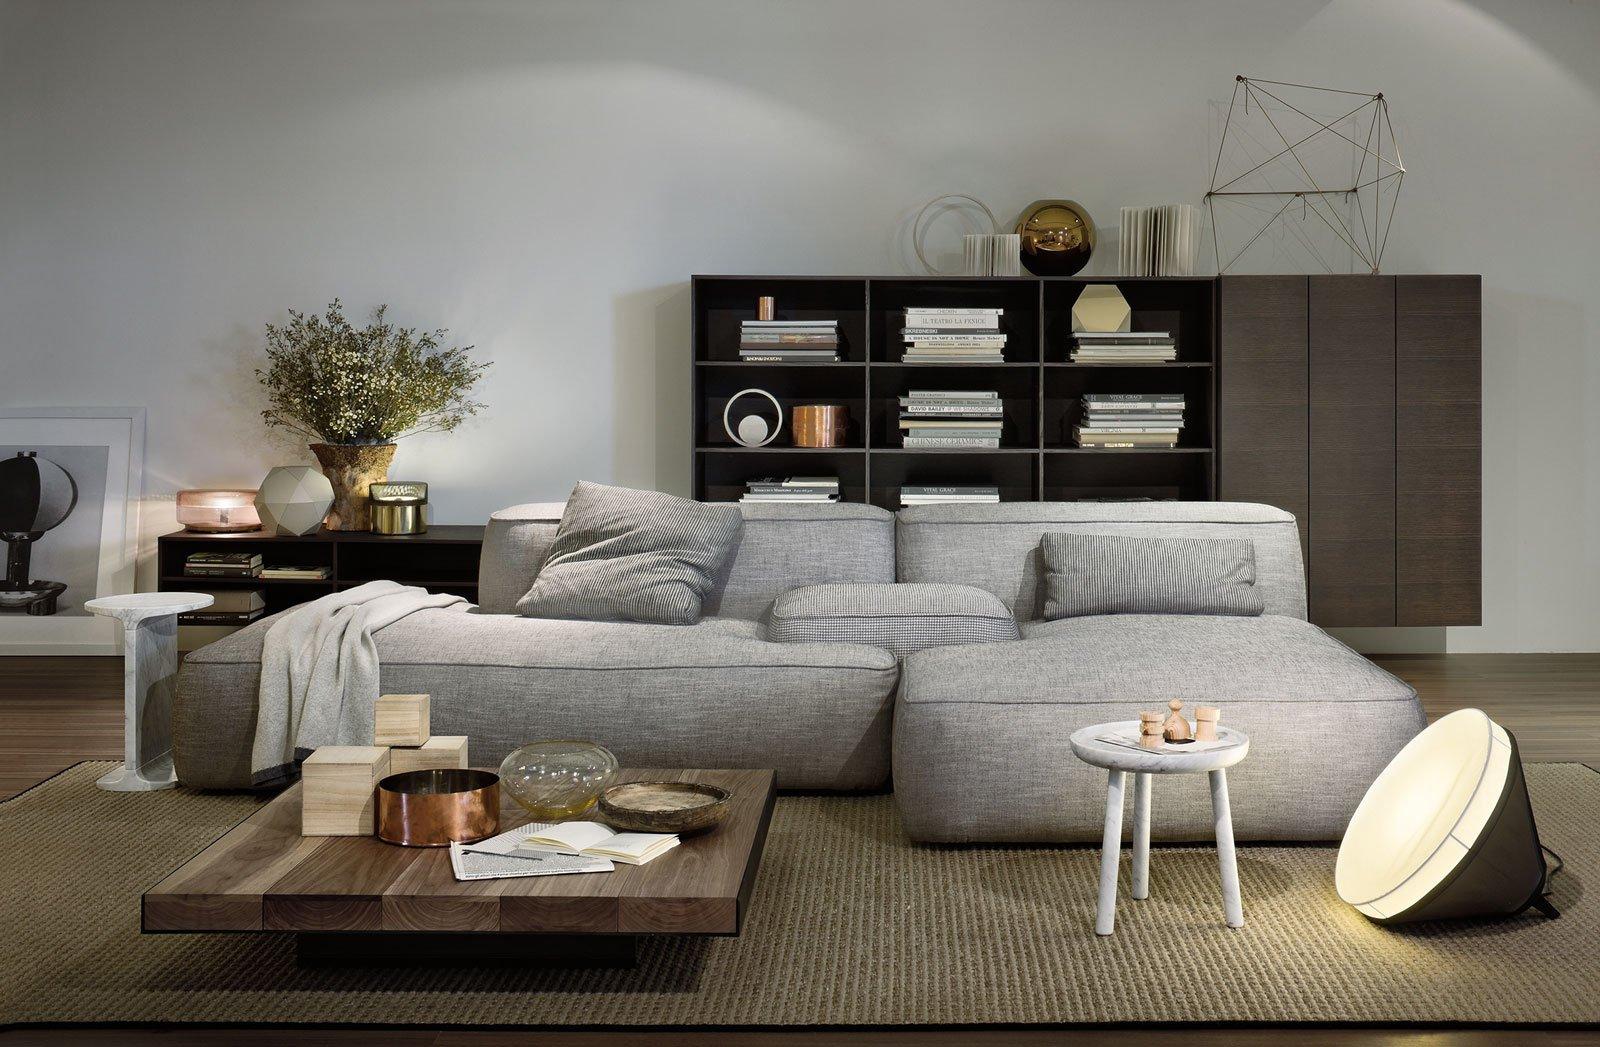 soggiorno moderno con divano nero: nero divano ad angolo acquista ... - Soggiorno Ad Angolo Moderno 2